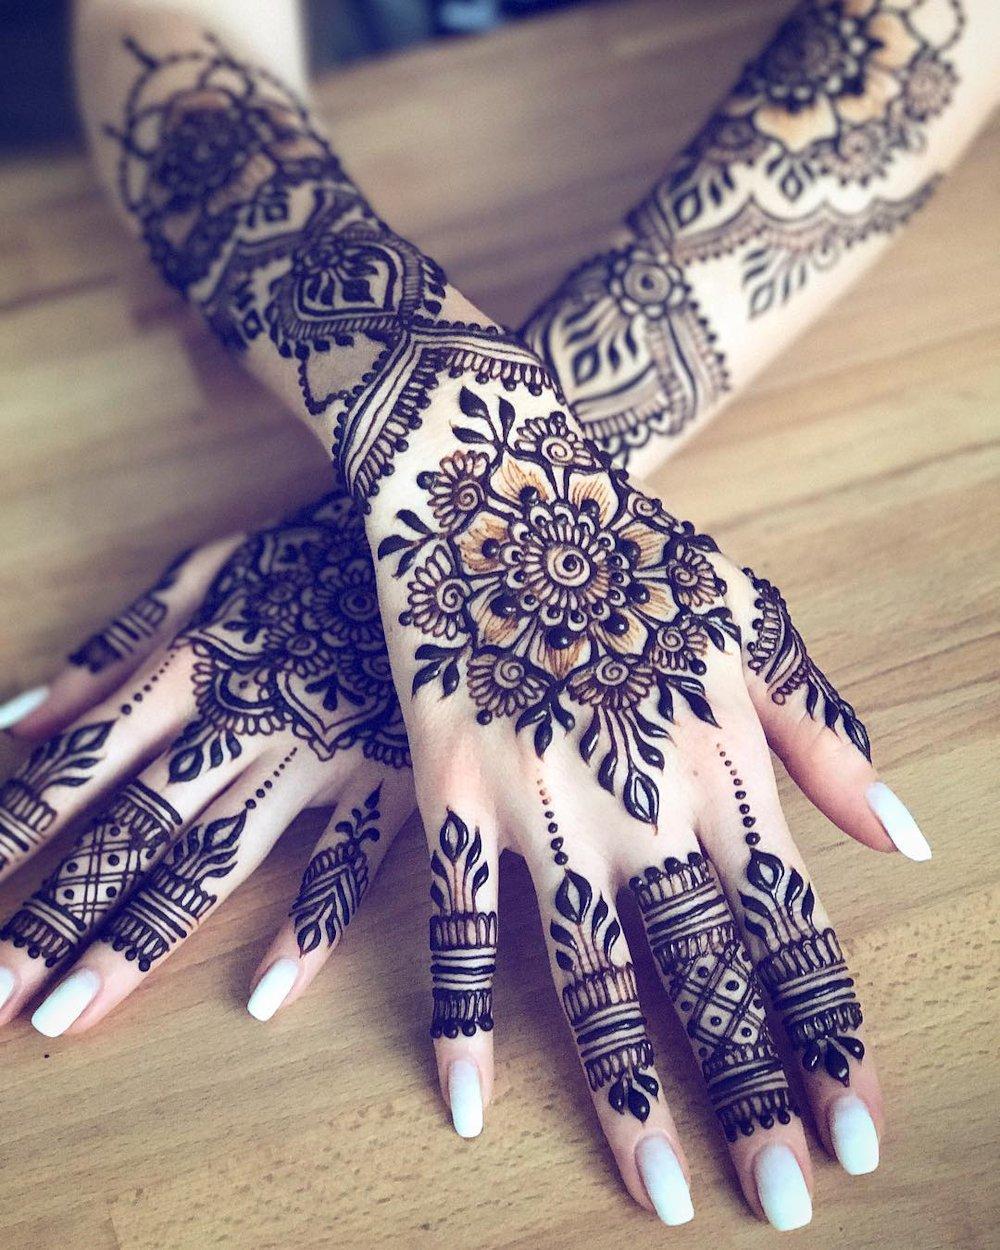 Stunning Henna Mehndi Design on Back of Hand